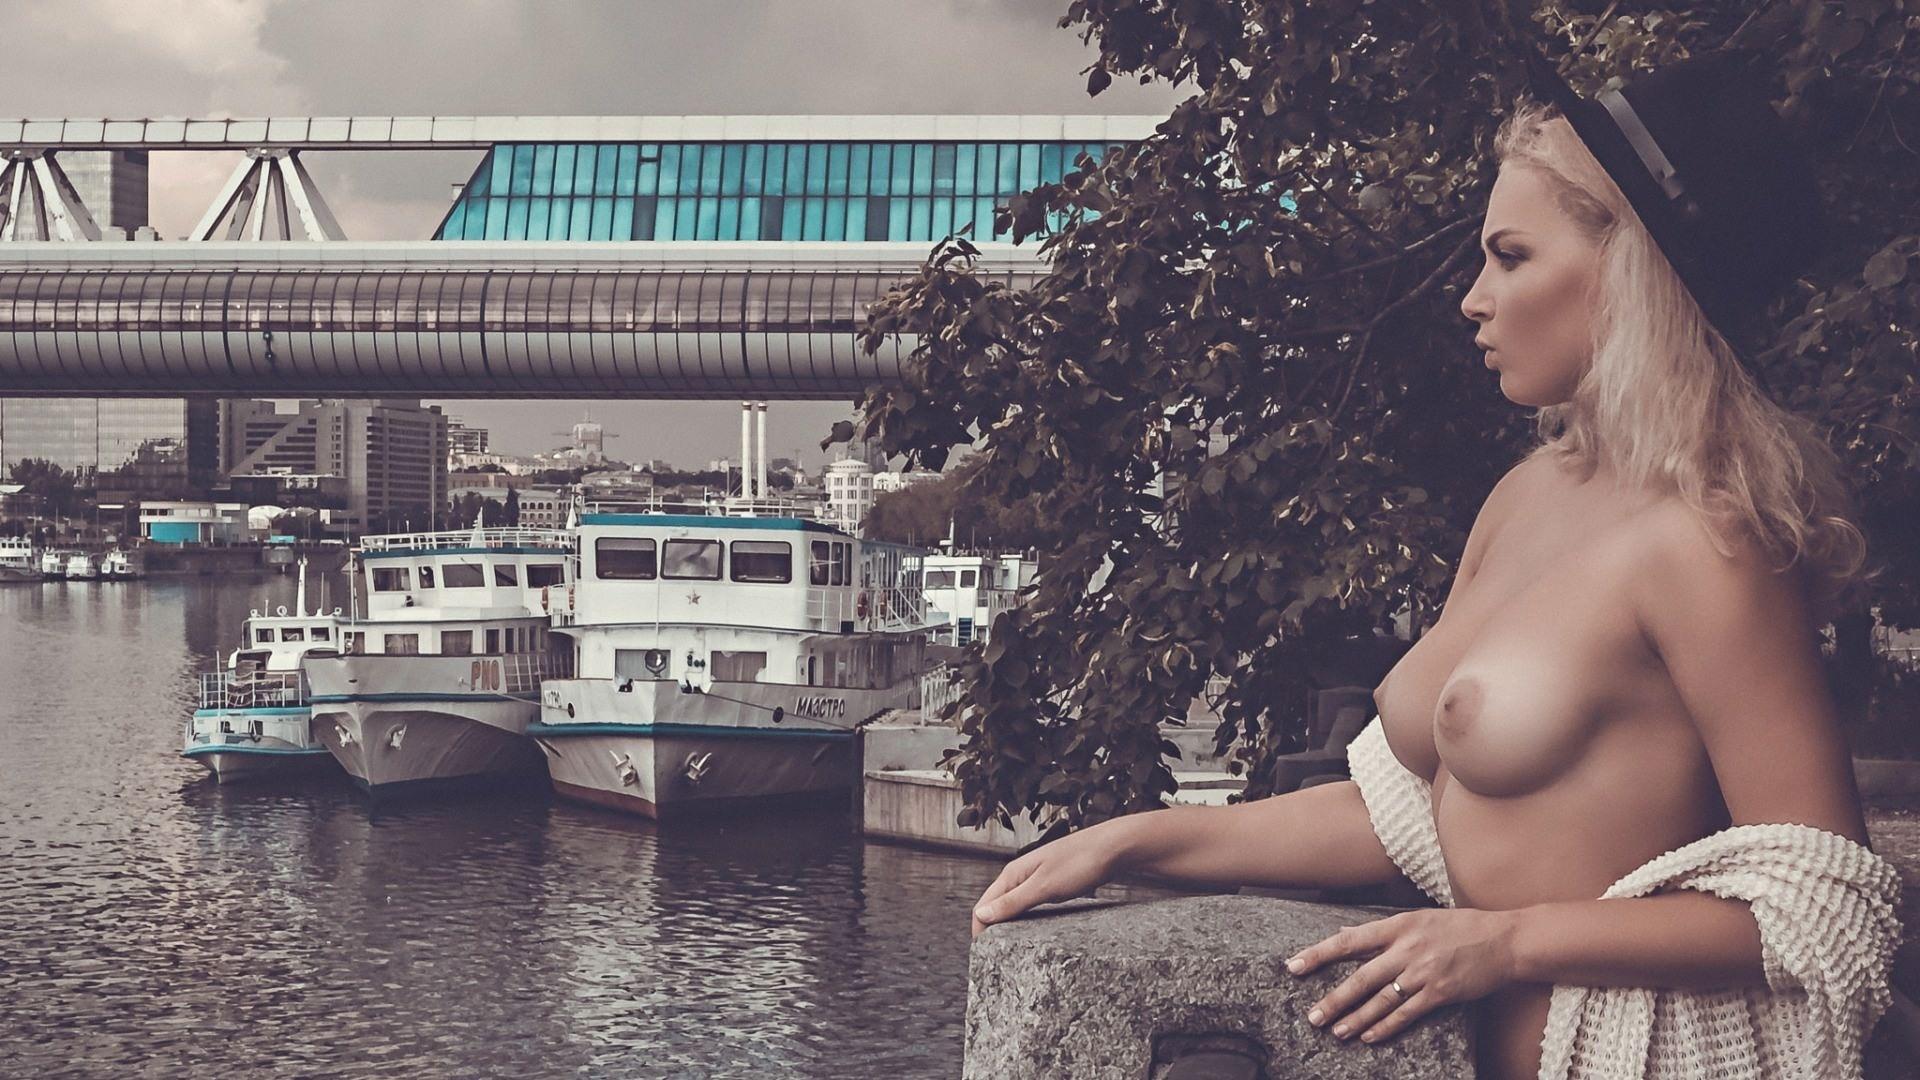 Фото Блондинка в шляпке, обнаженная грудь, яхты, корабли, мост, река, скачать картинку бесплатно